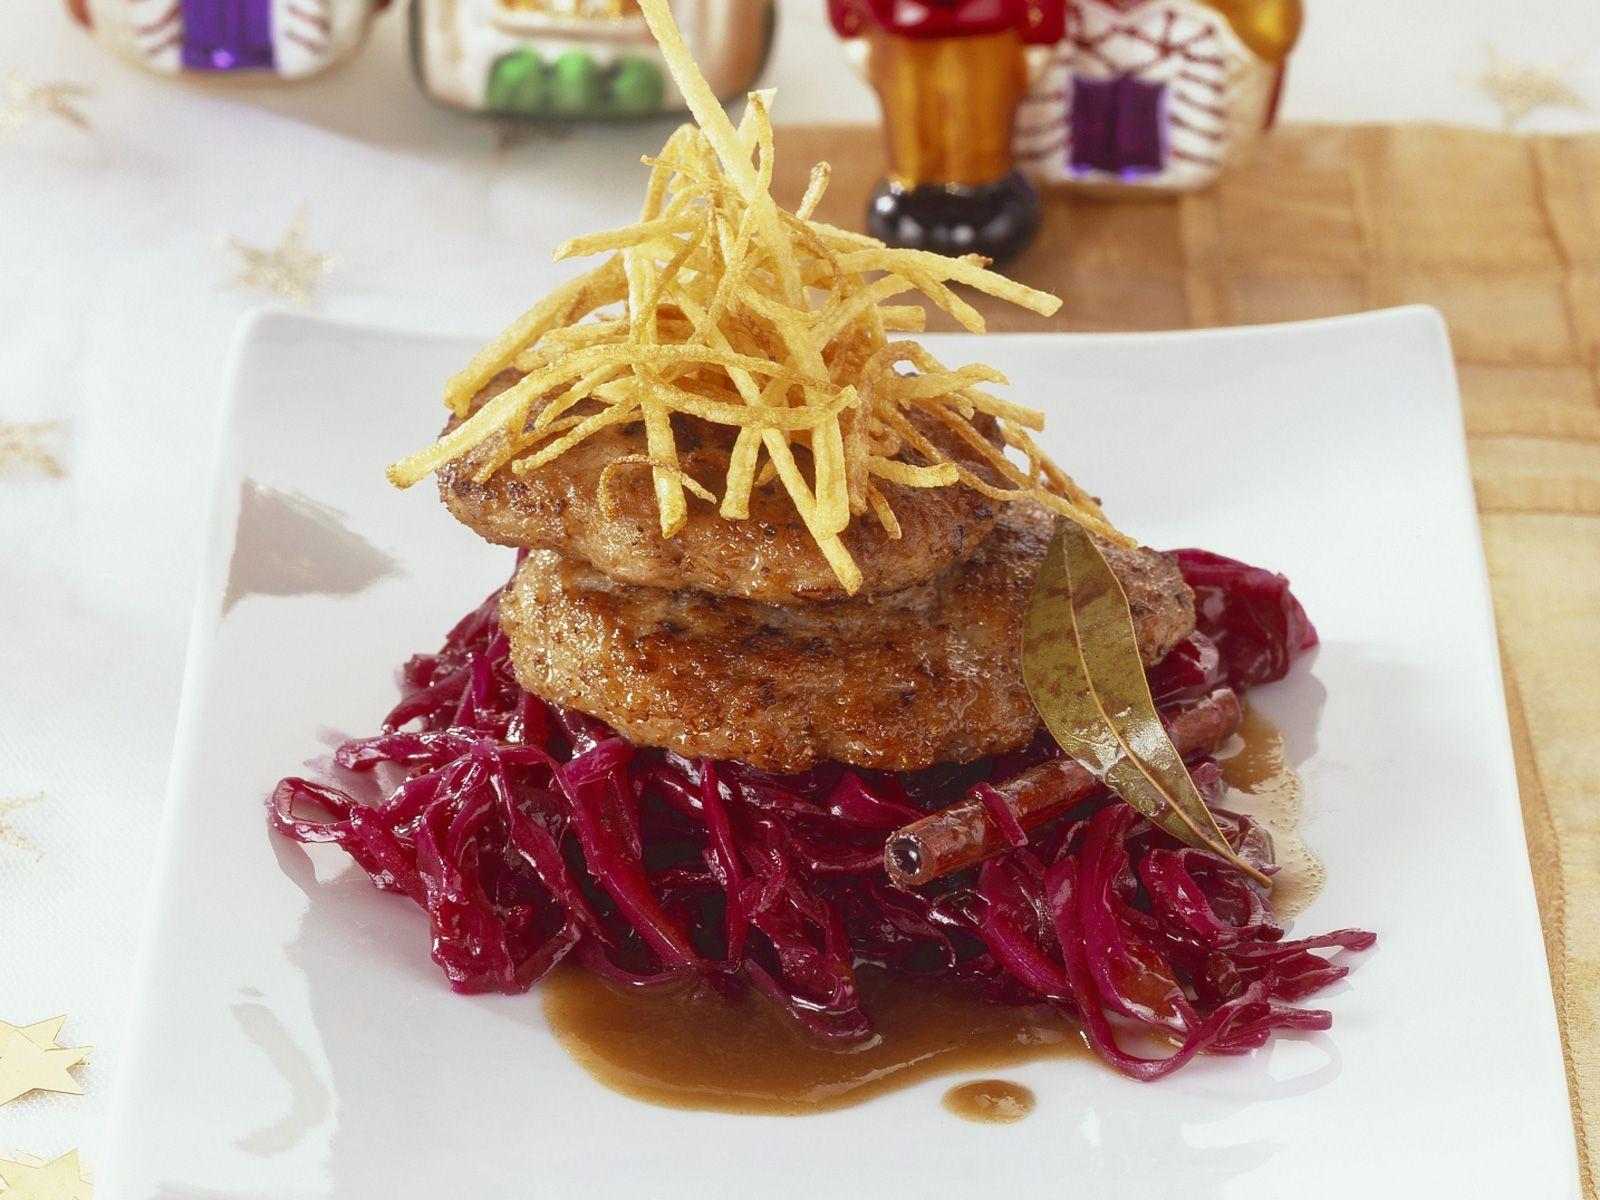 Weihnachtliche Buletten mit Preiselbeer-Rotkraut und Lebkuchen-Biersoße | Zeit: 40 Min. | http://eatsmarter.de/rezepte/weihnachtliche-buletten-mit-preiselbeer-rotkraut-und-lebkuchen-biersosse